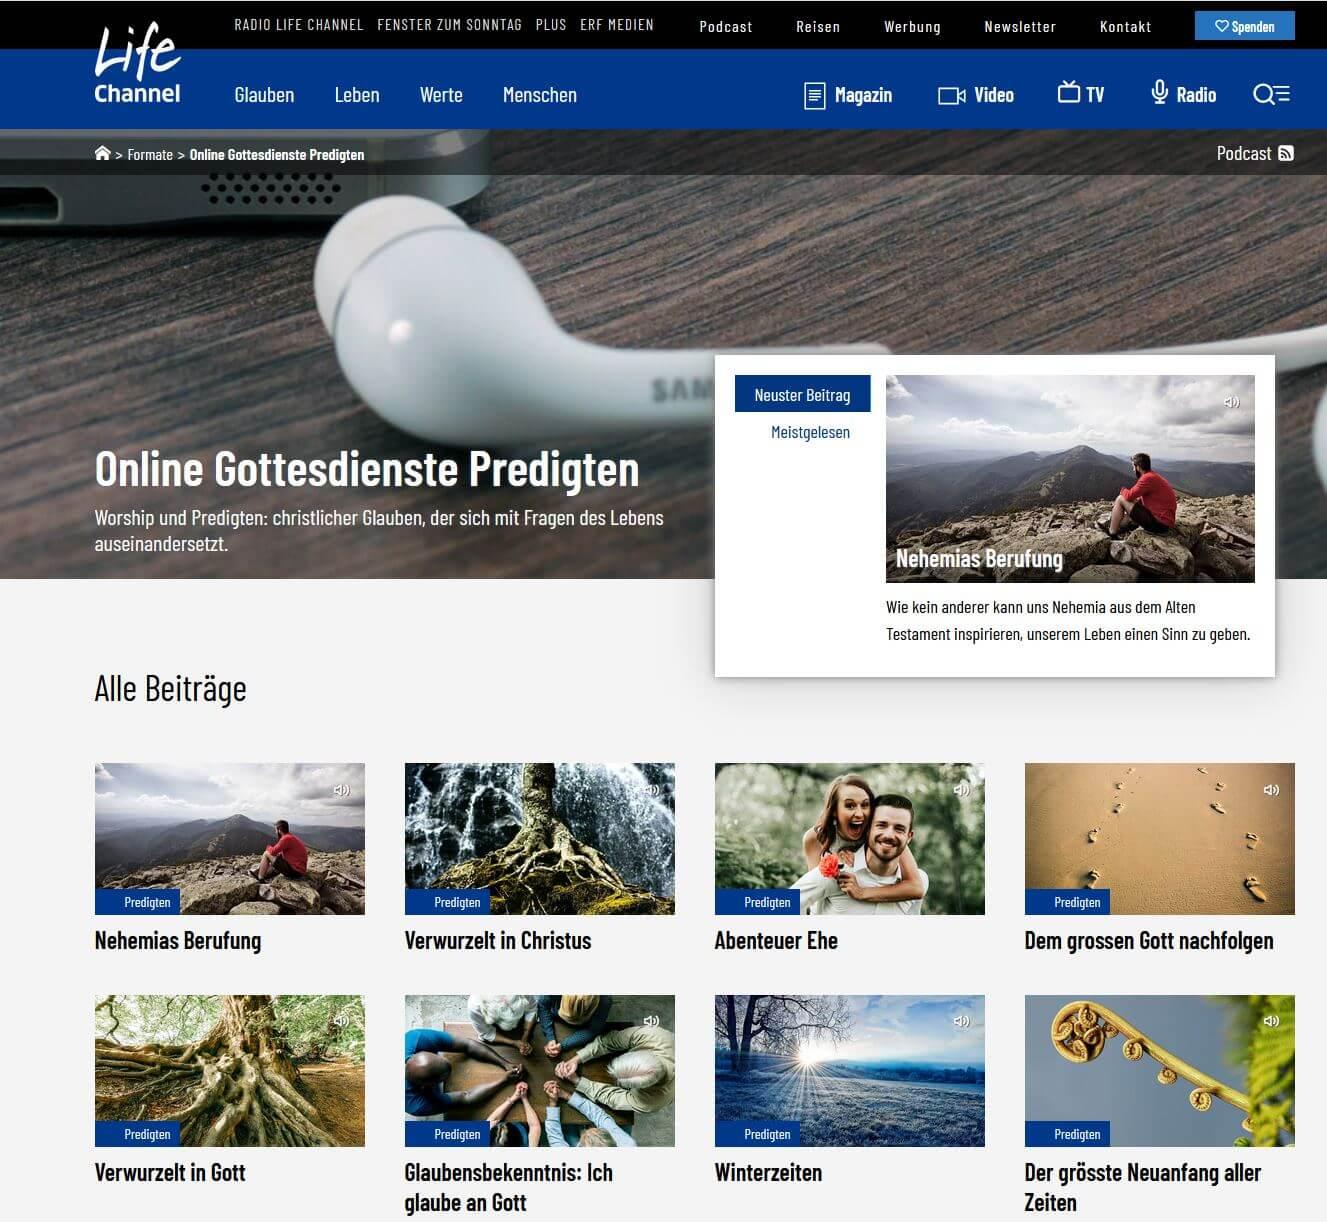 Online Predigten / Gottesdienste auf Radio Life Channel